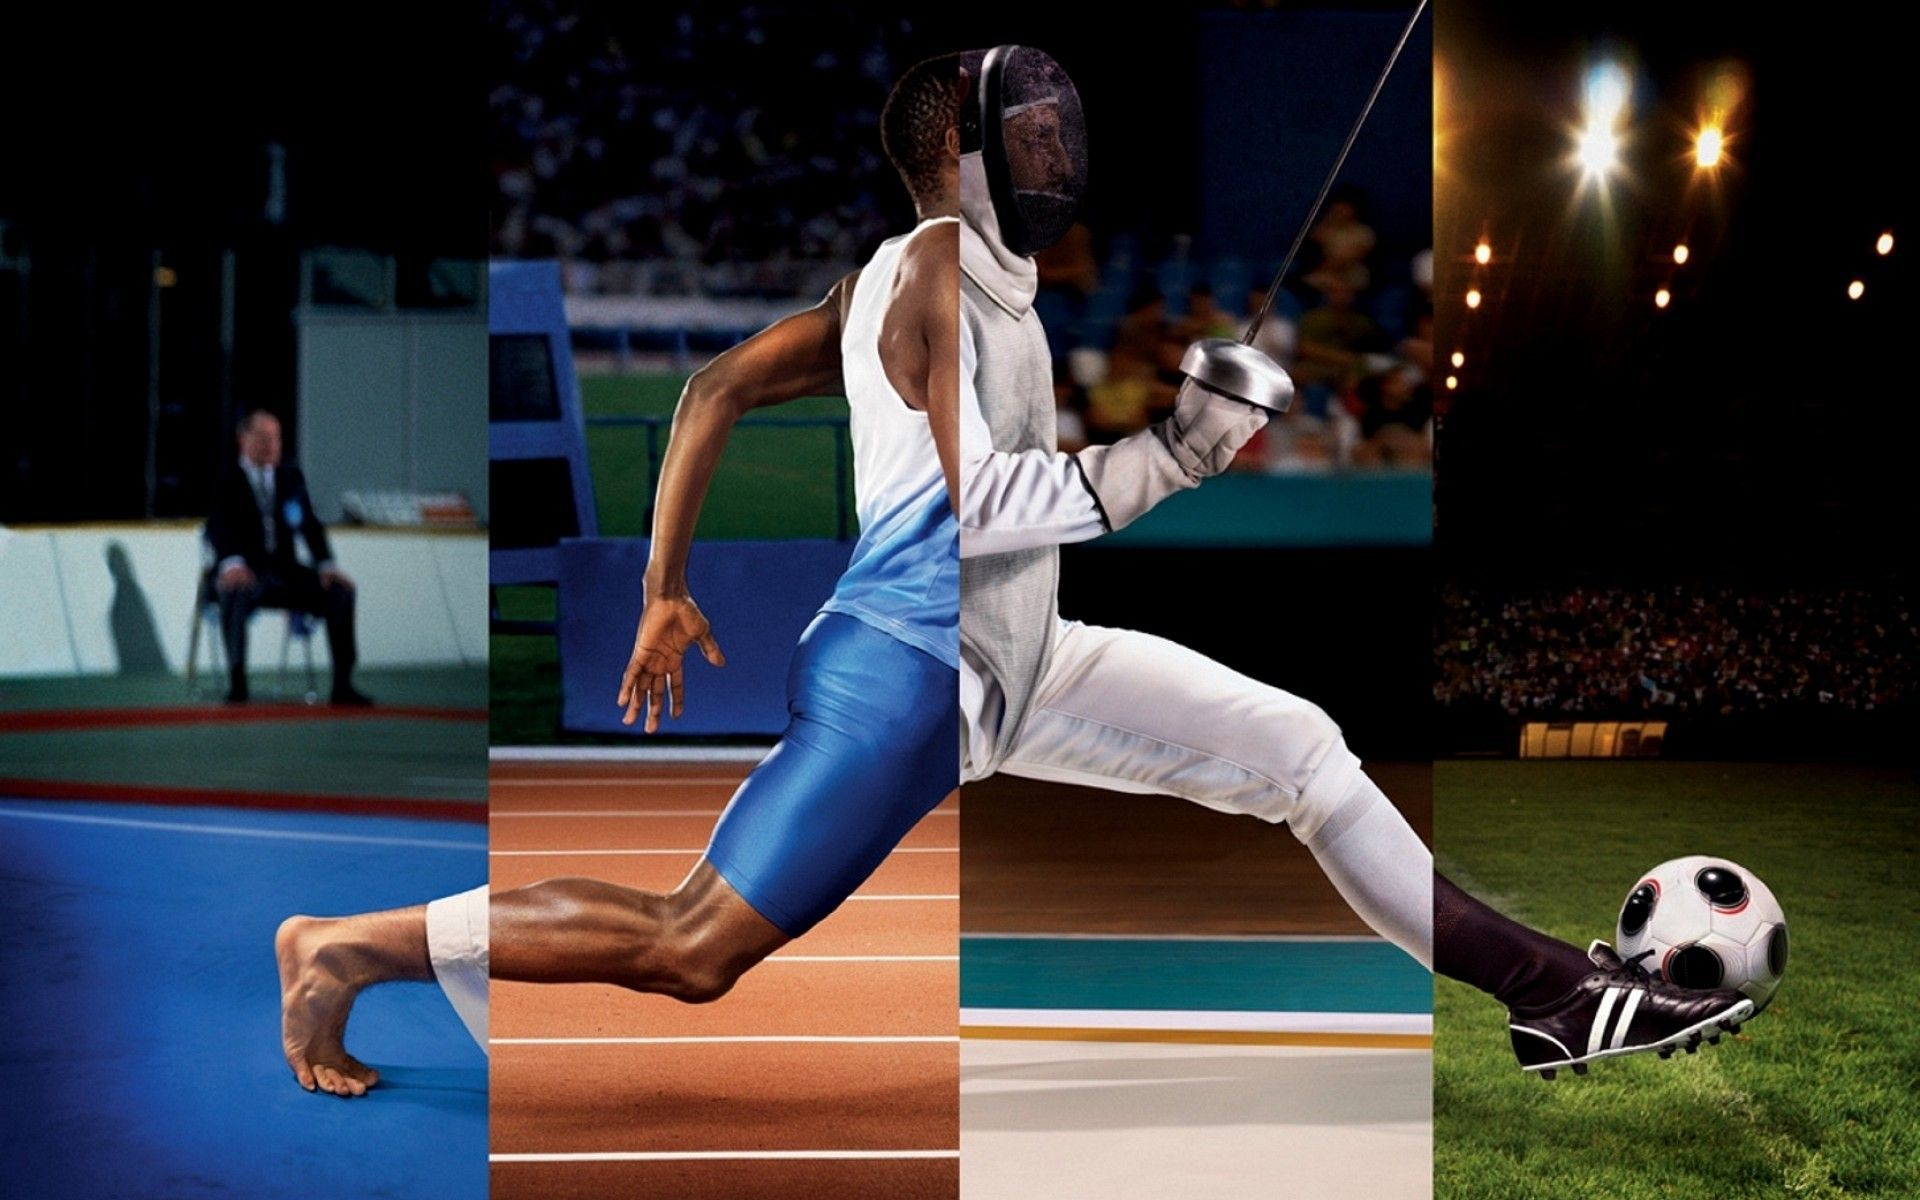 FIGHTING RUNNING FOOTBALL Fencing Soccer Track Wallpaper